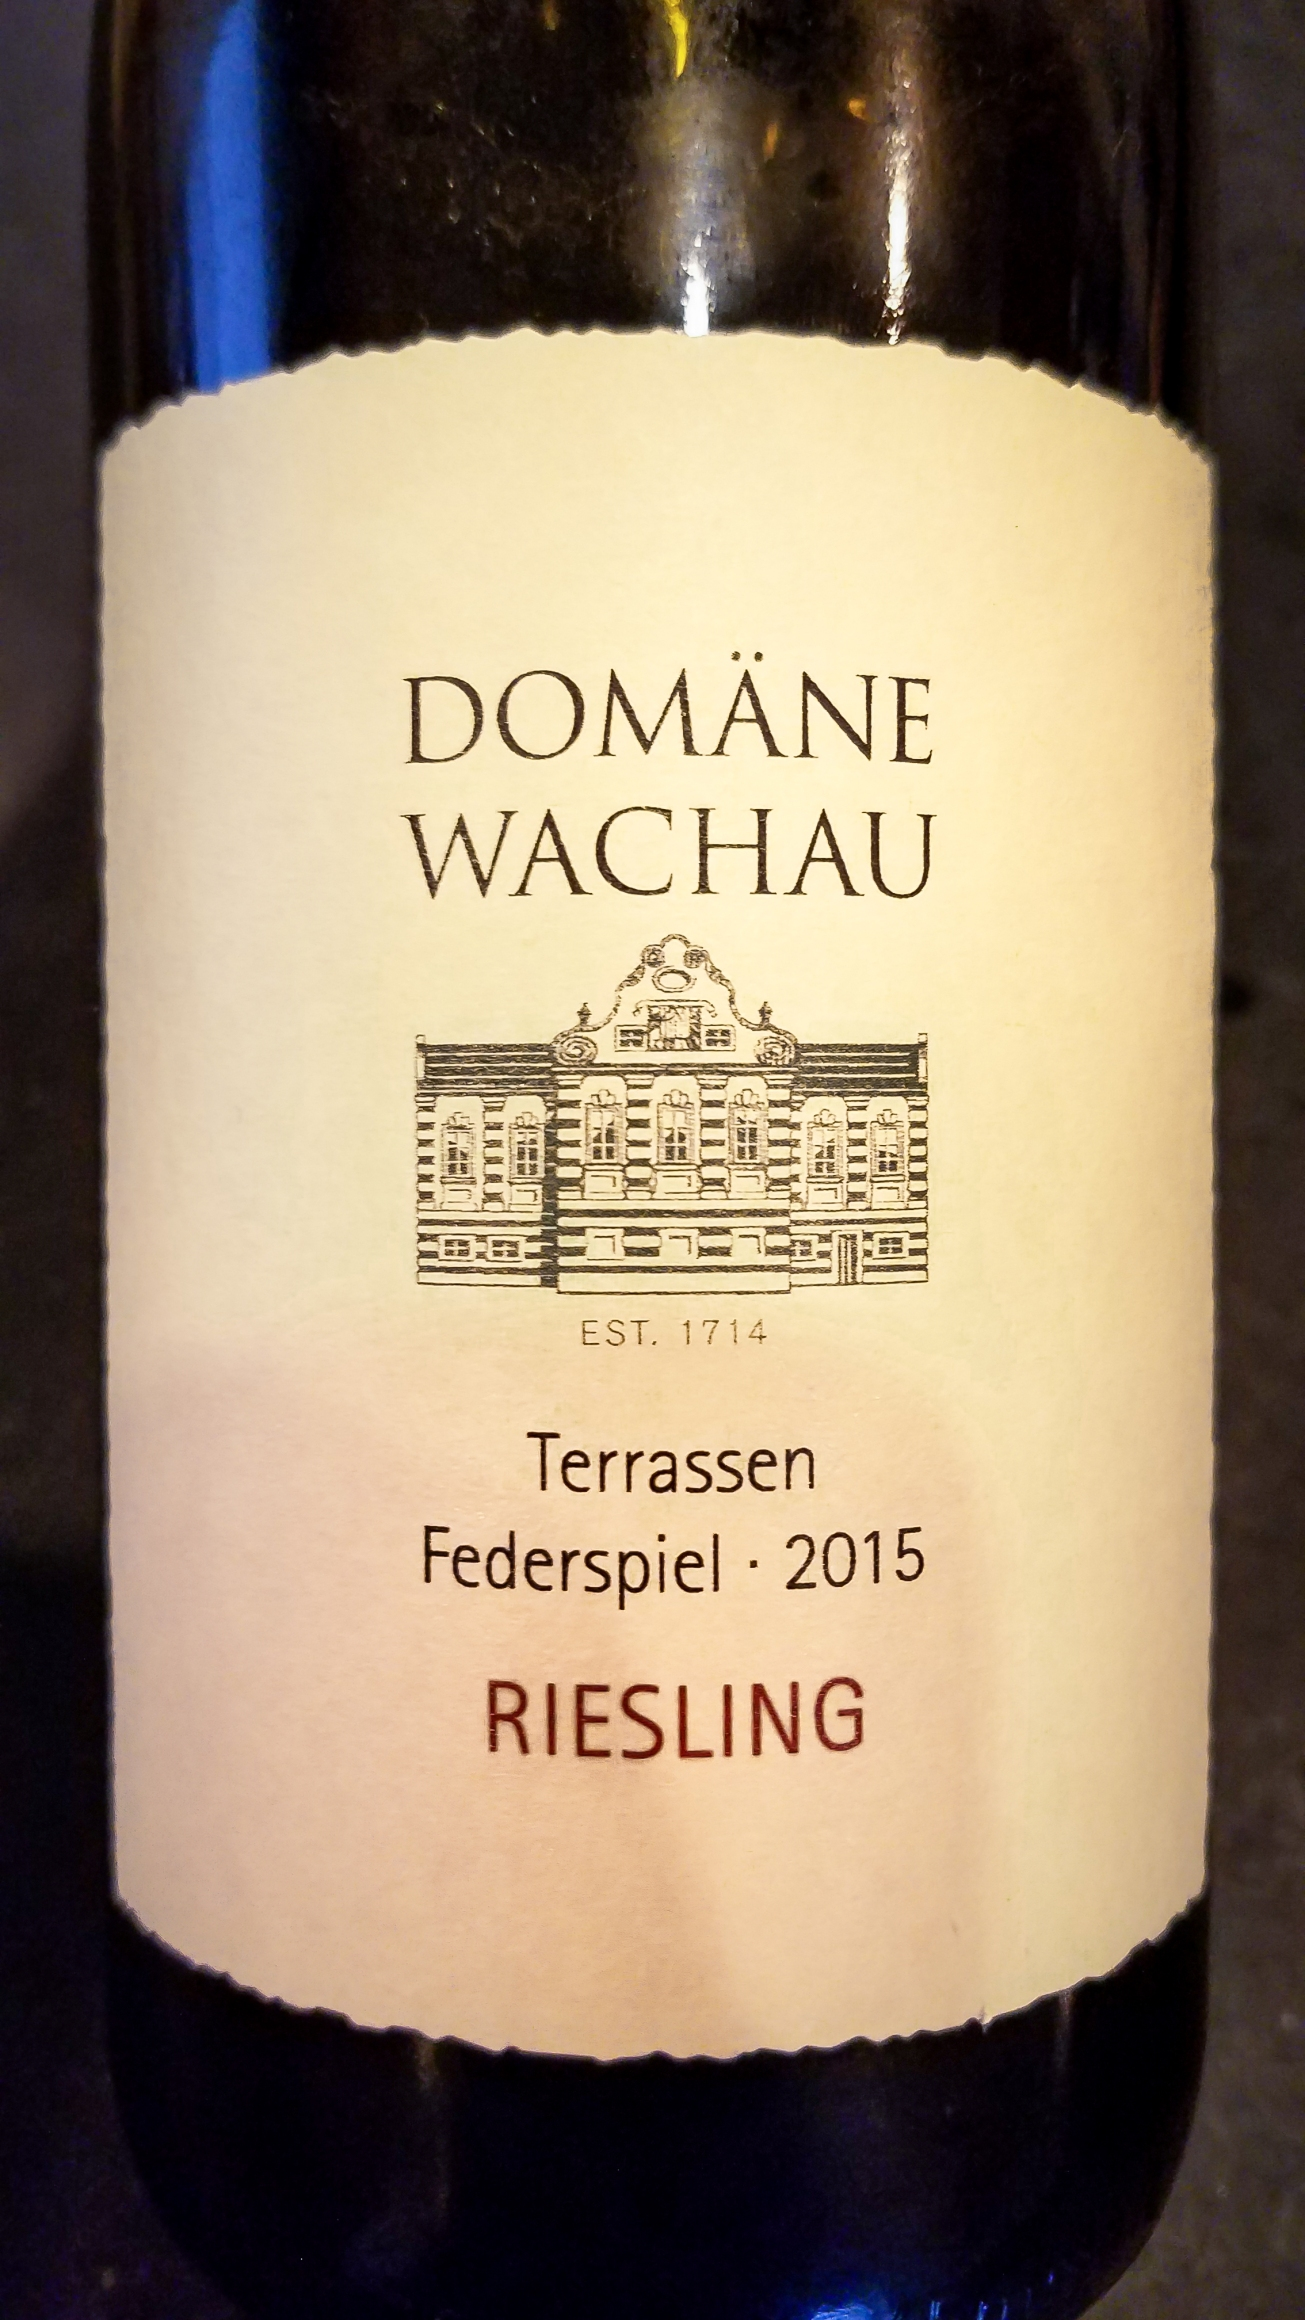 2015 Freie Weingärtner Wachau / Domäne Wachau Riesling Federspiel Terrassen